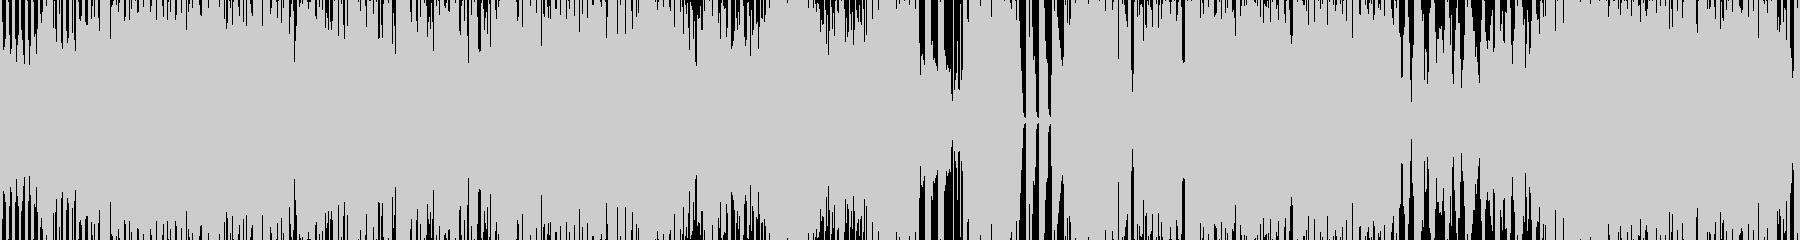 ゲームなどの逃げる感じのダンスBGMの未再生の波形